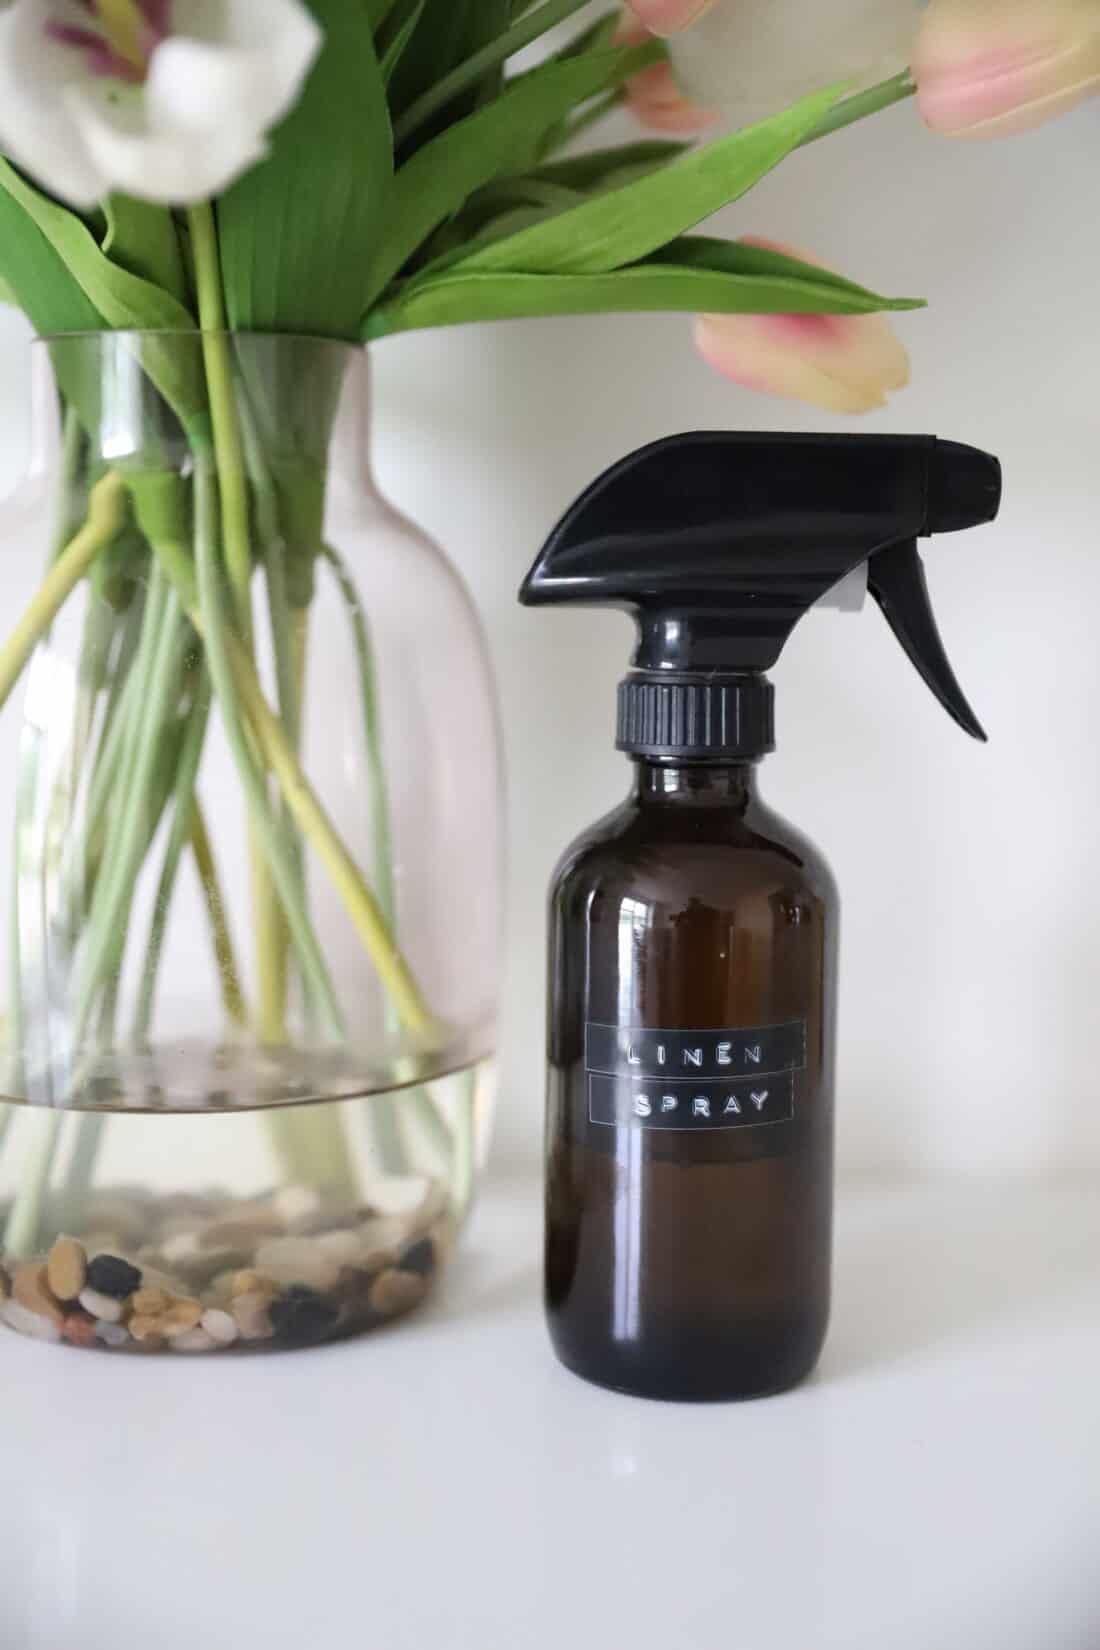 homemade linen spray